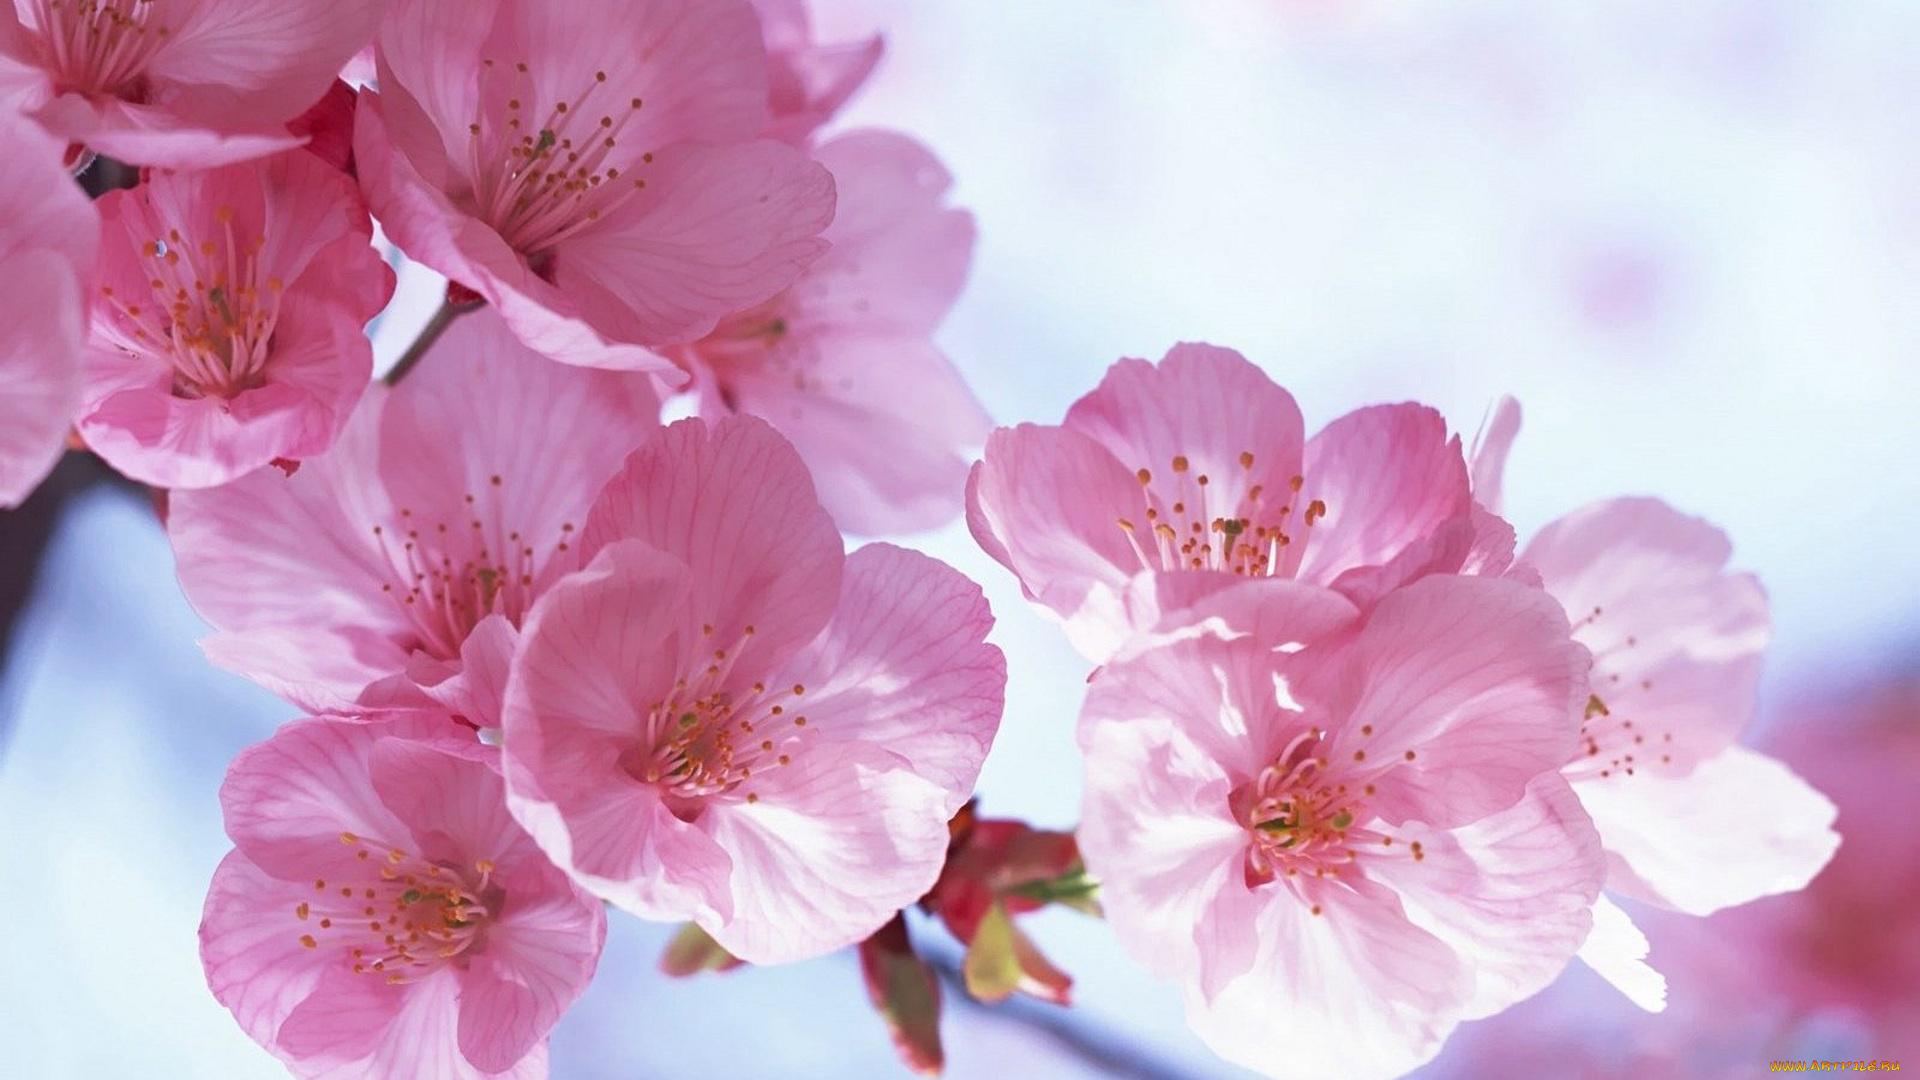 Открытки с днем рождения женщине красивые цветы весенние, цыплята картинки картинка